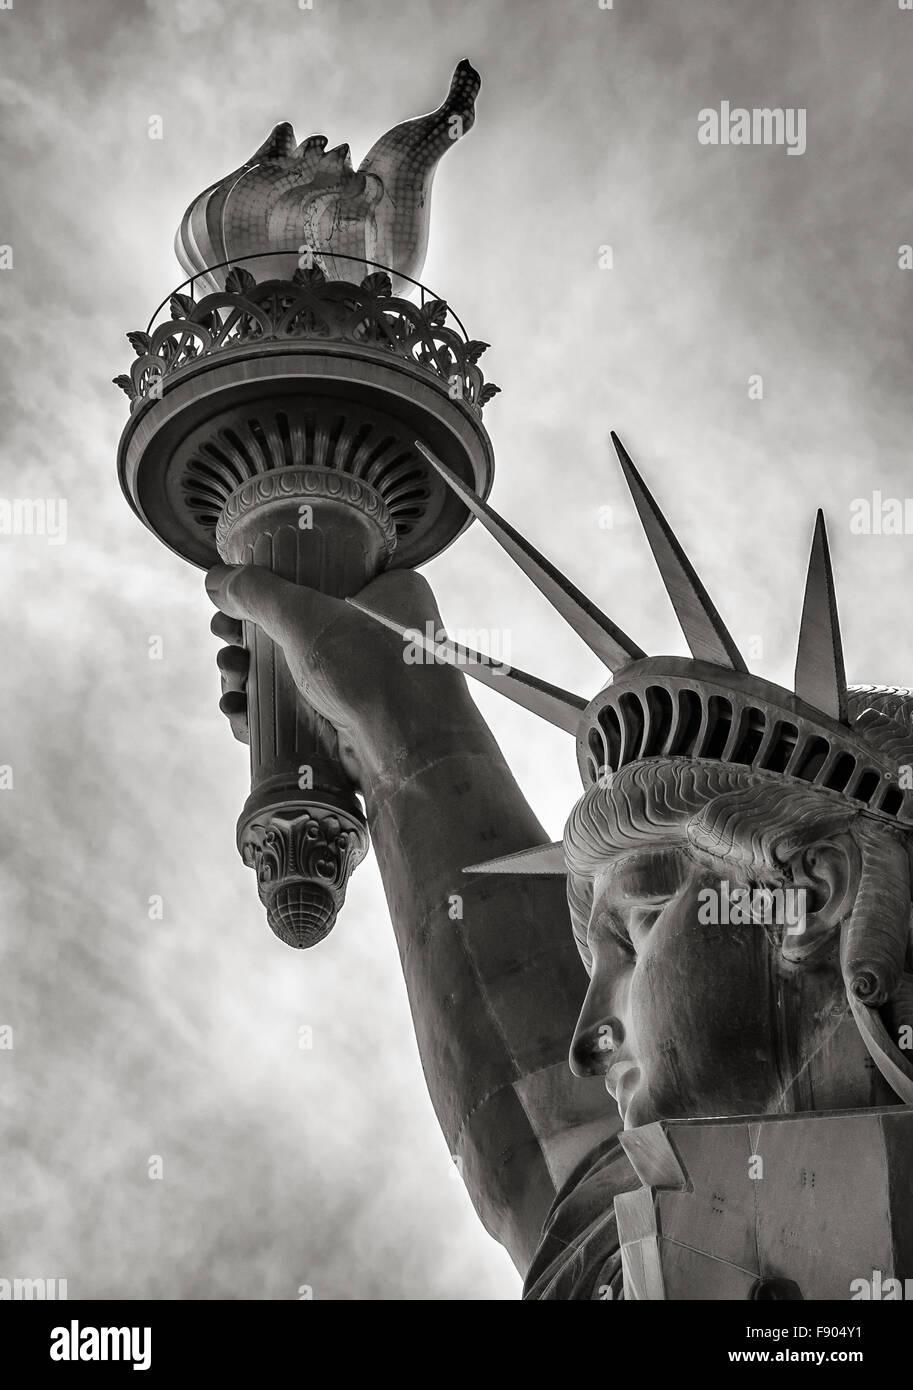 Bianco & Nero dettaglio della torcia, la corona e il profilo della Statua della Libertà, Liberty Island, Immagini Stock